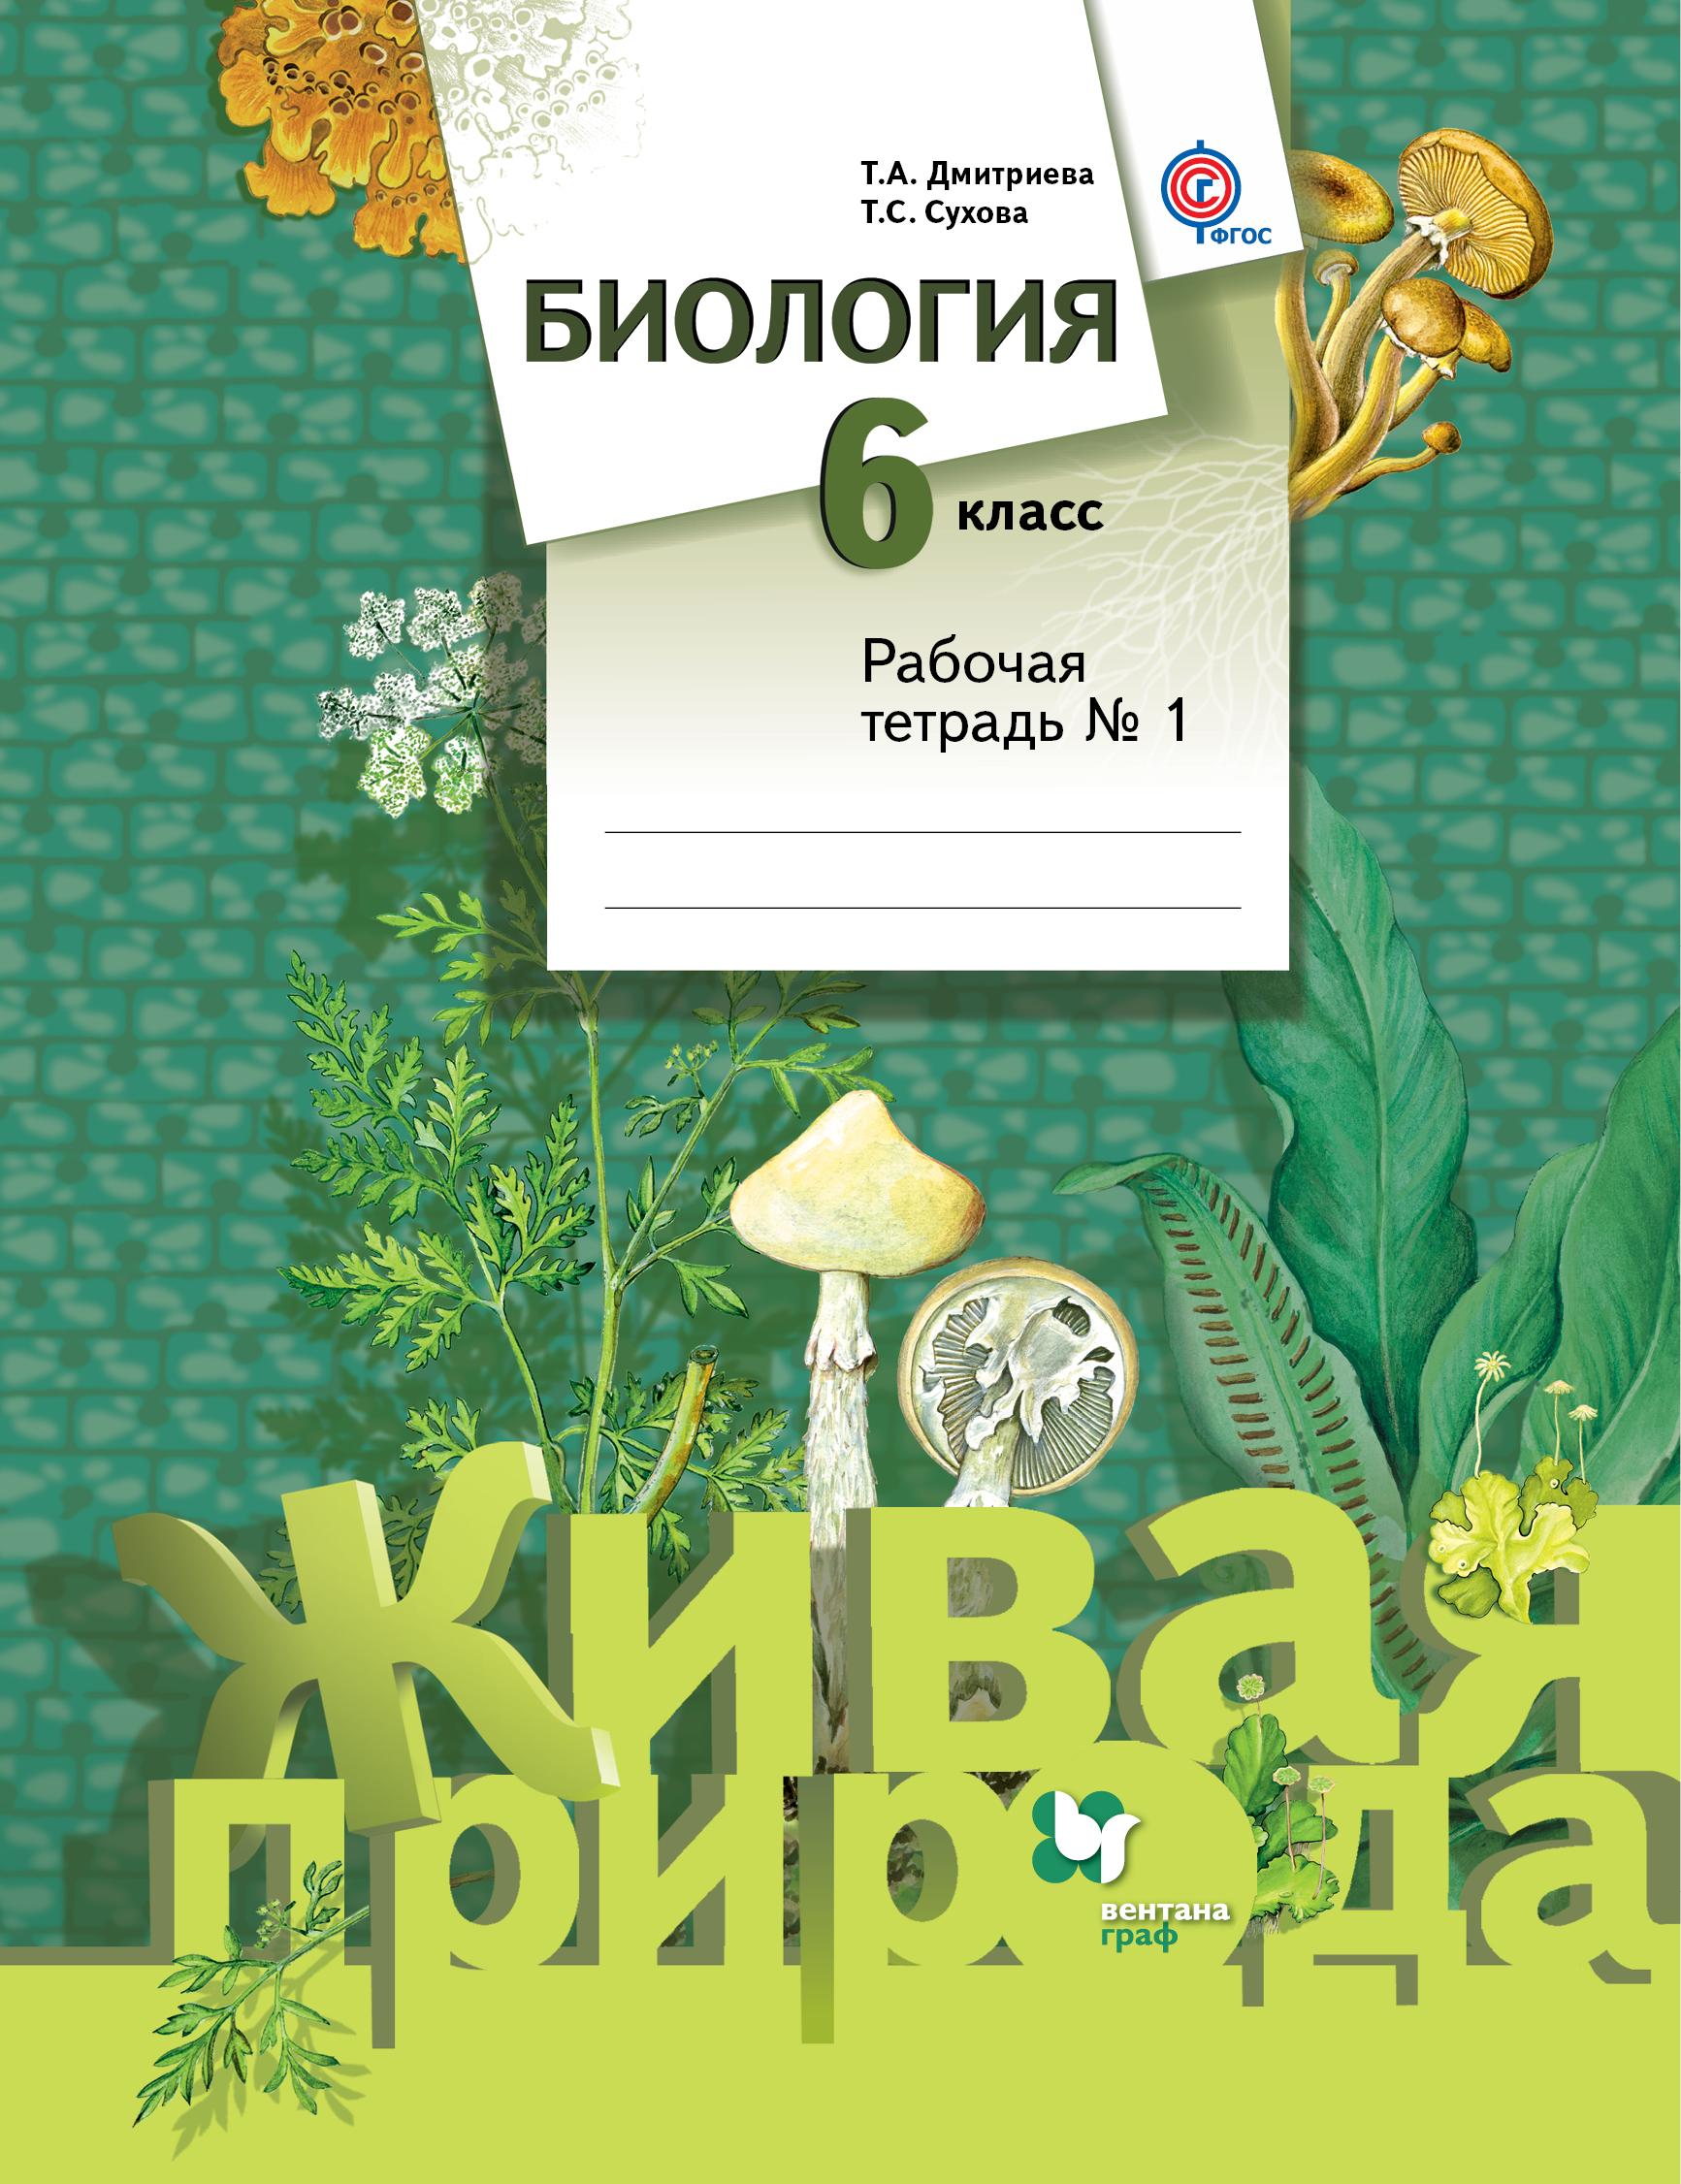 Биология, 6Класс, Рабочая тетрадь №1